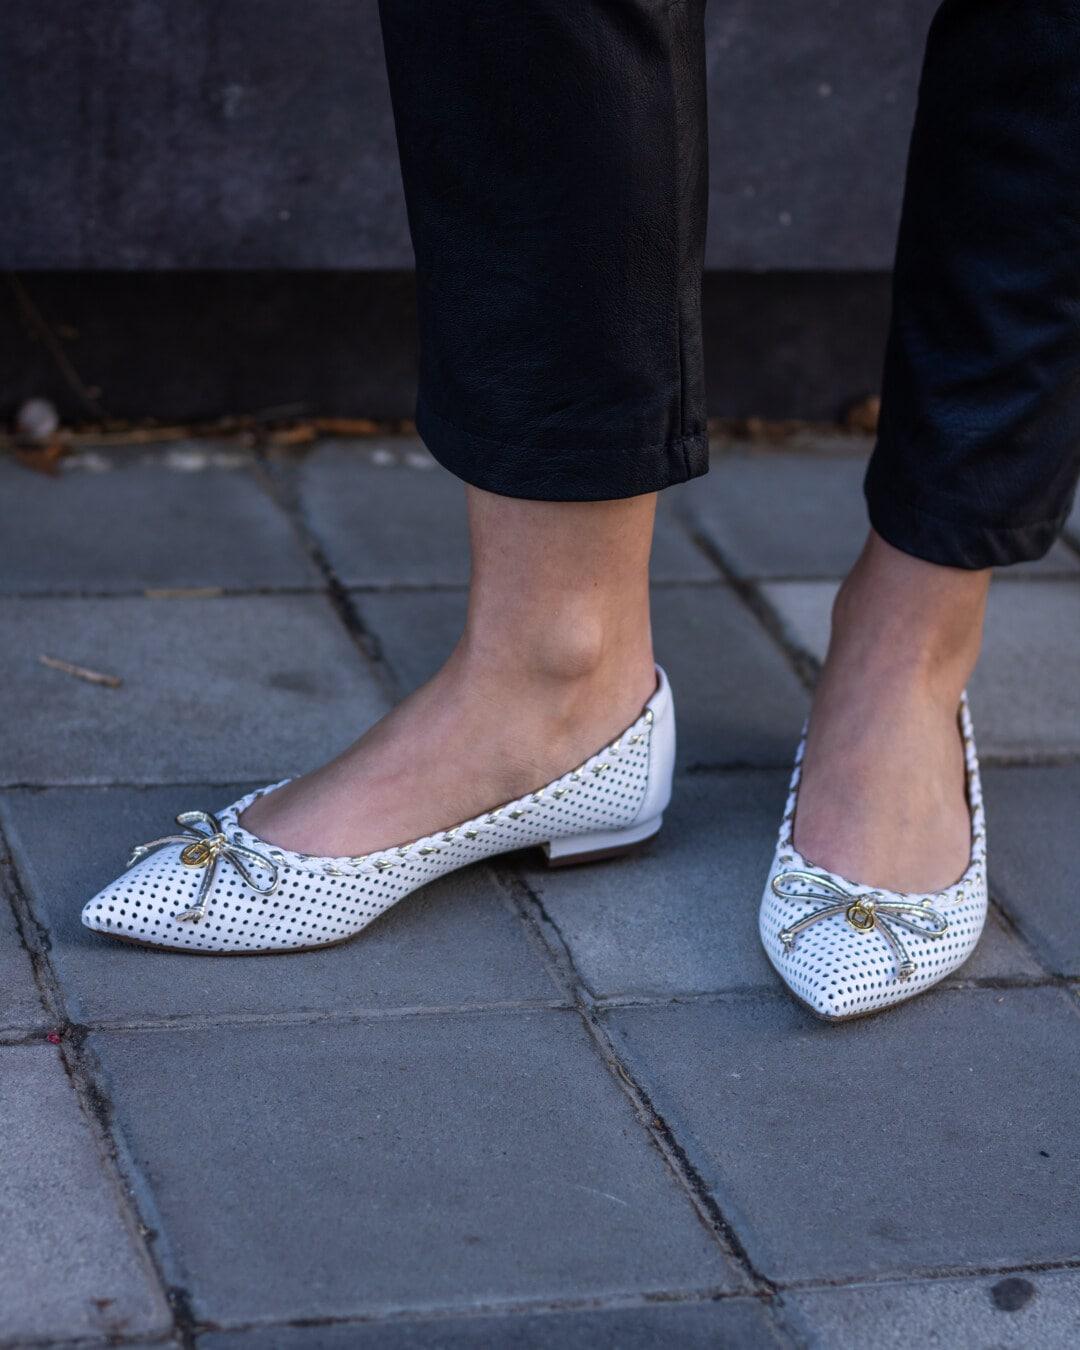 eleganta, skor, ung kvinna, Ben, skon, gata, kvinna, som täcker, foten, flicka